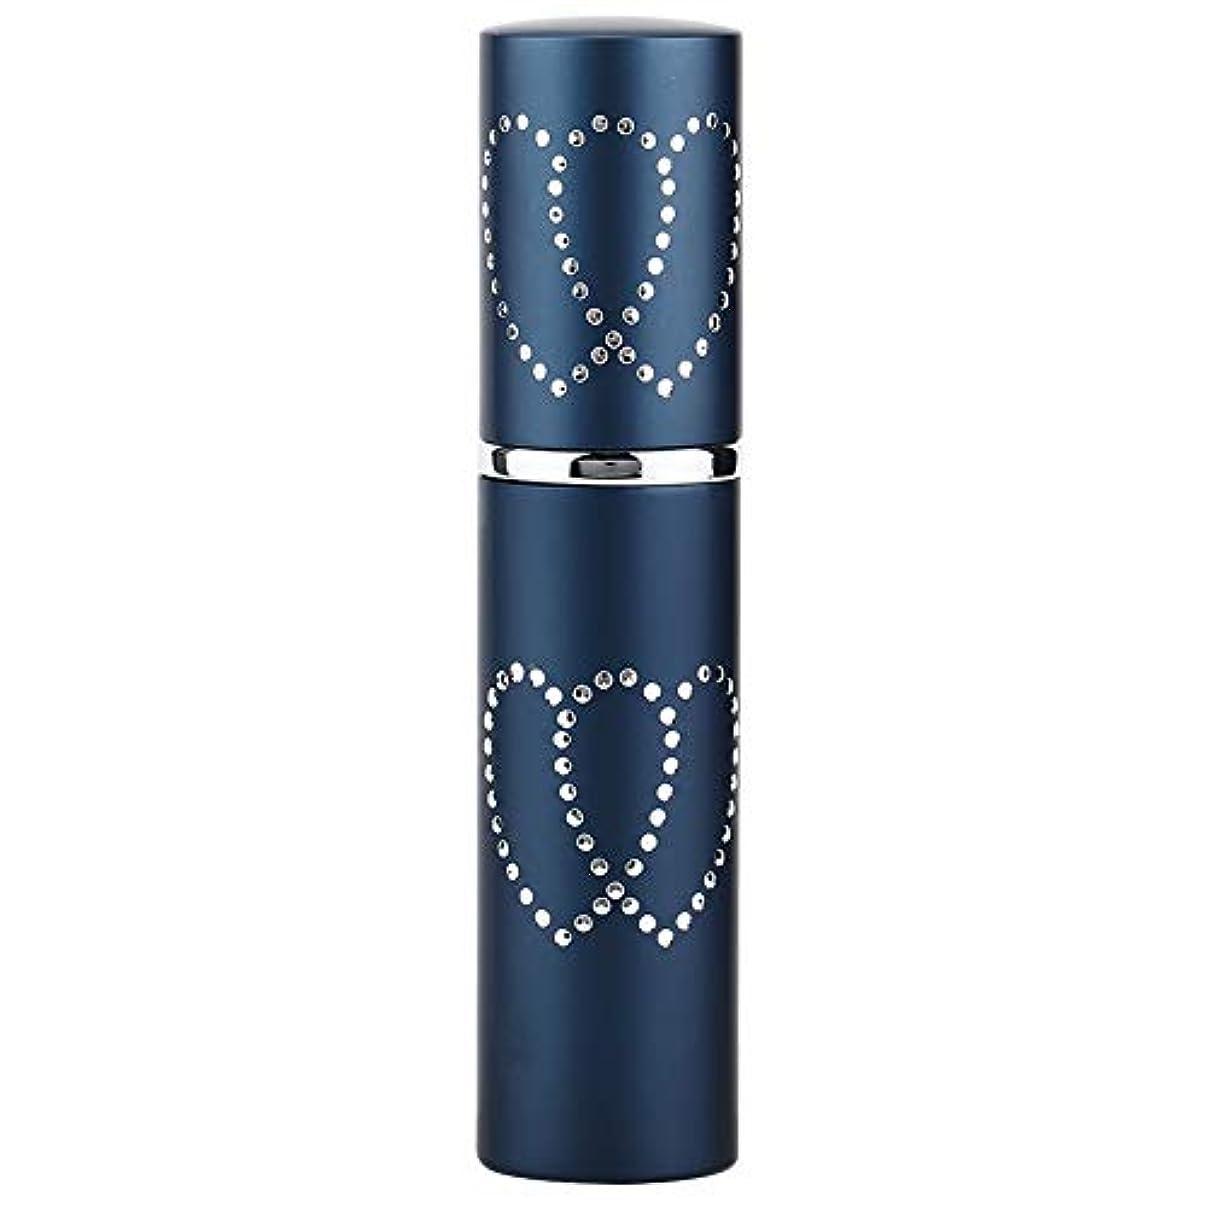 モットーペレグリネーション野心2色10ml リムーバブル 詰め替え 空の香水瓶 香水スプレー アトマイザー(01)